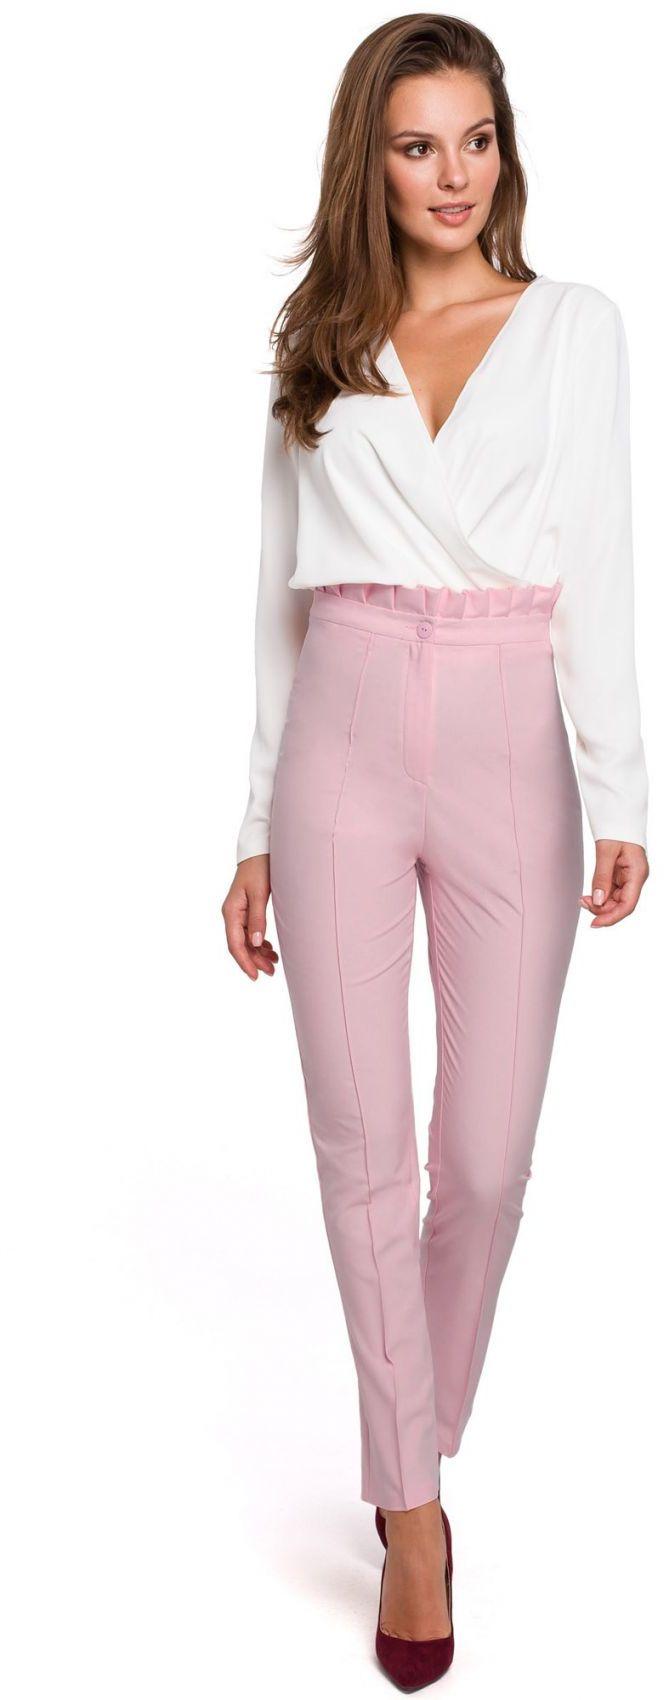 K008 Spodnie z wysokim stanem i falbanką - lilac